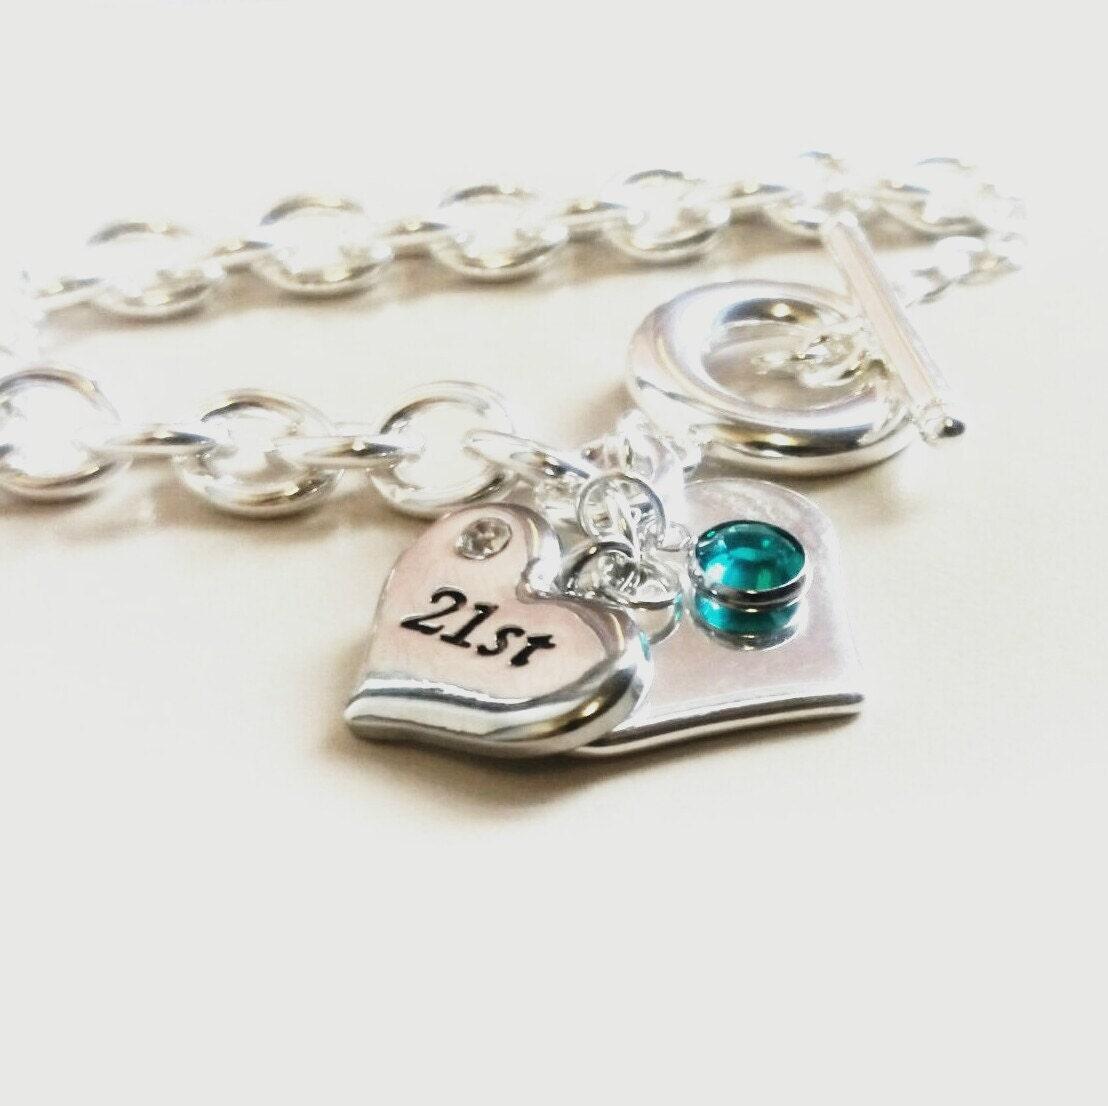 21 geburtstagsgeschenk 21 geburtstag geschenk armband. Black Bedroom Furniture Sets. Home Design Ideas